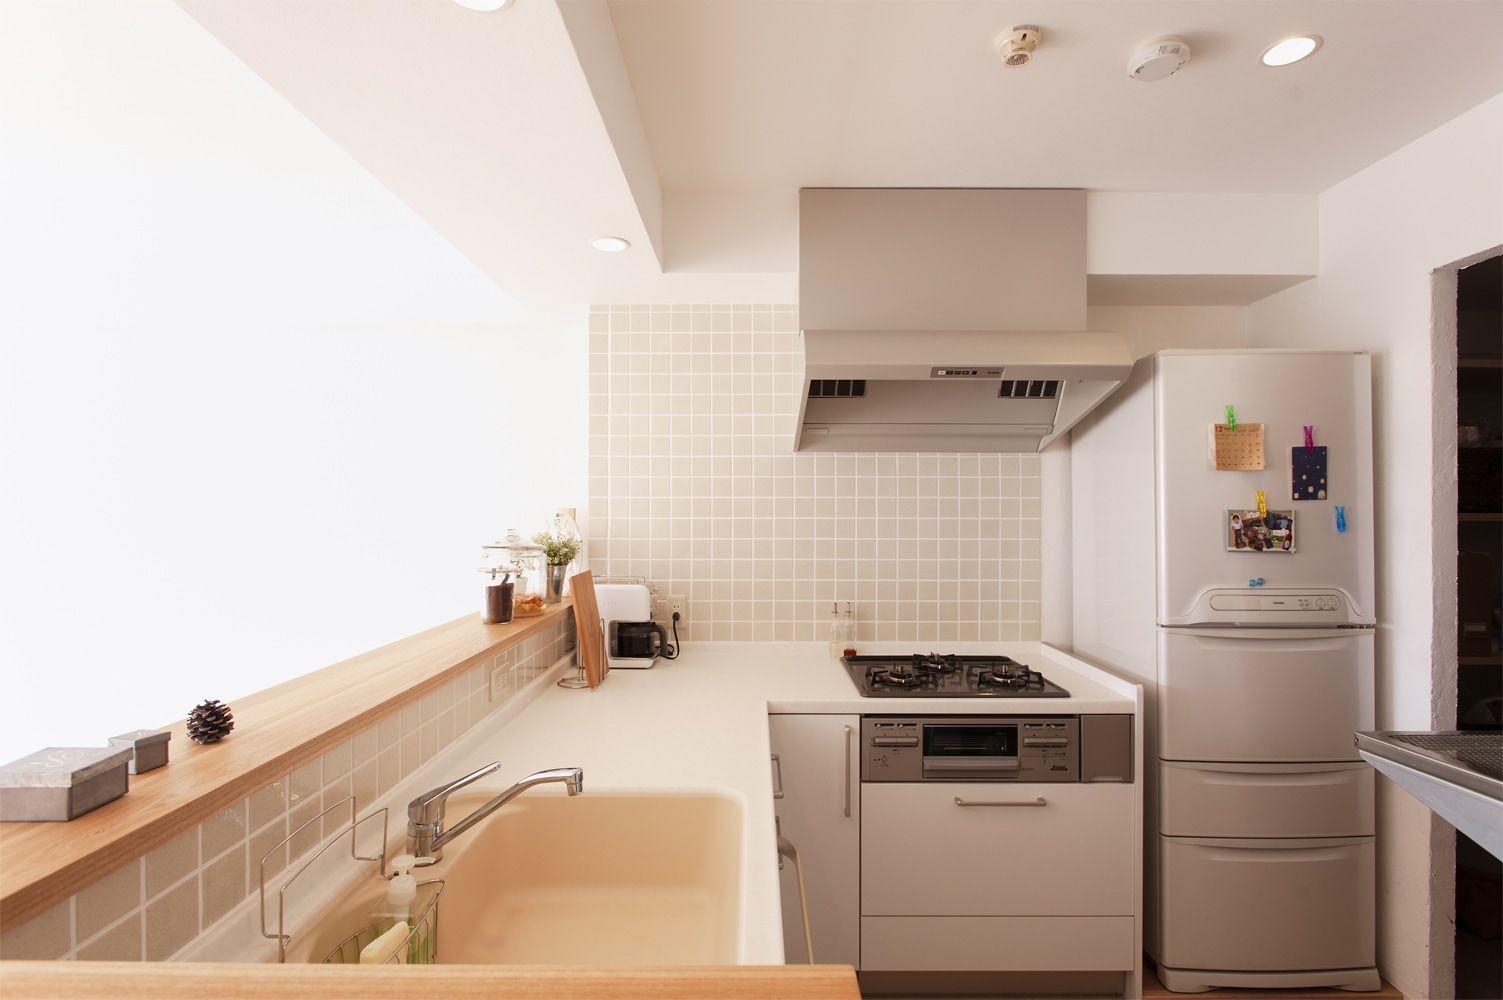 リフォーム リノベーションの事例 キッチン 施工事例no 296自然素材にこだわったシンプルハウス スタイル工房 L型キッチン キッチン おしゃれ キッチン